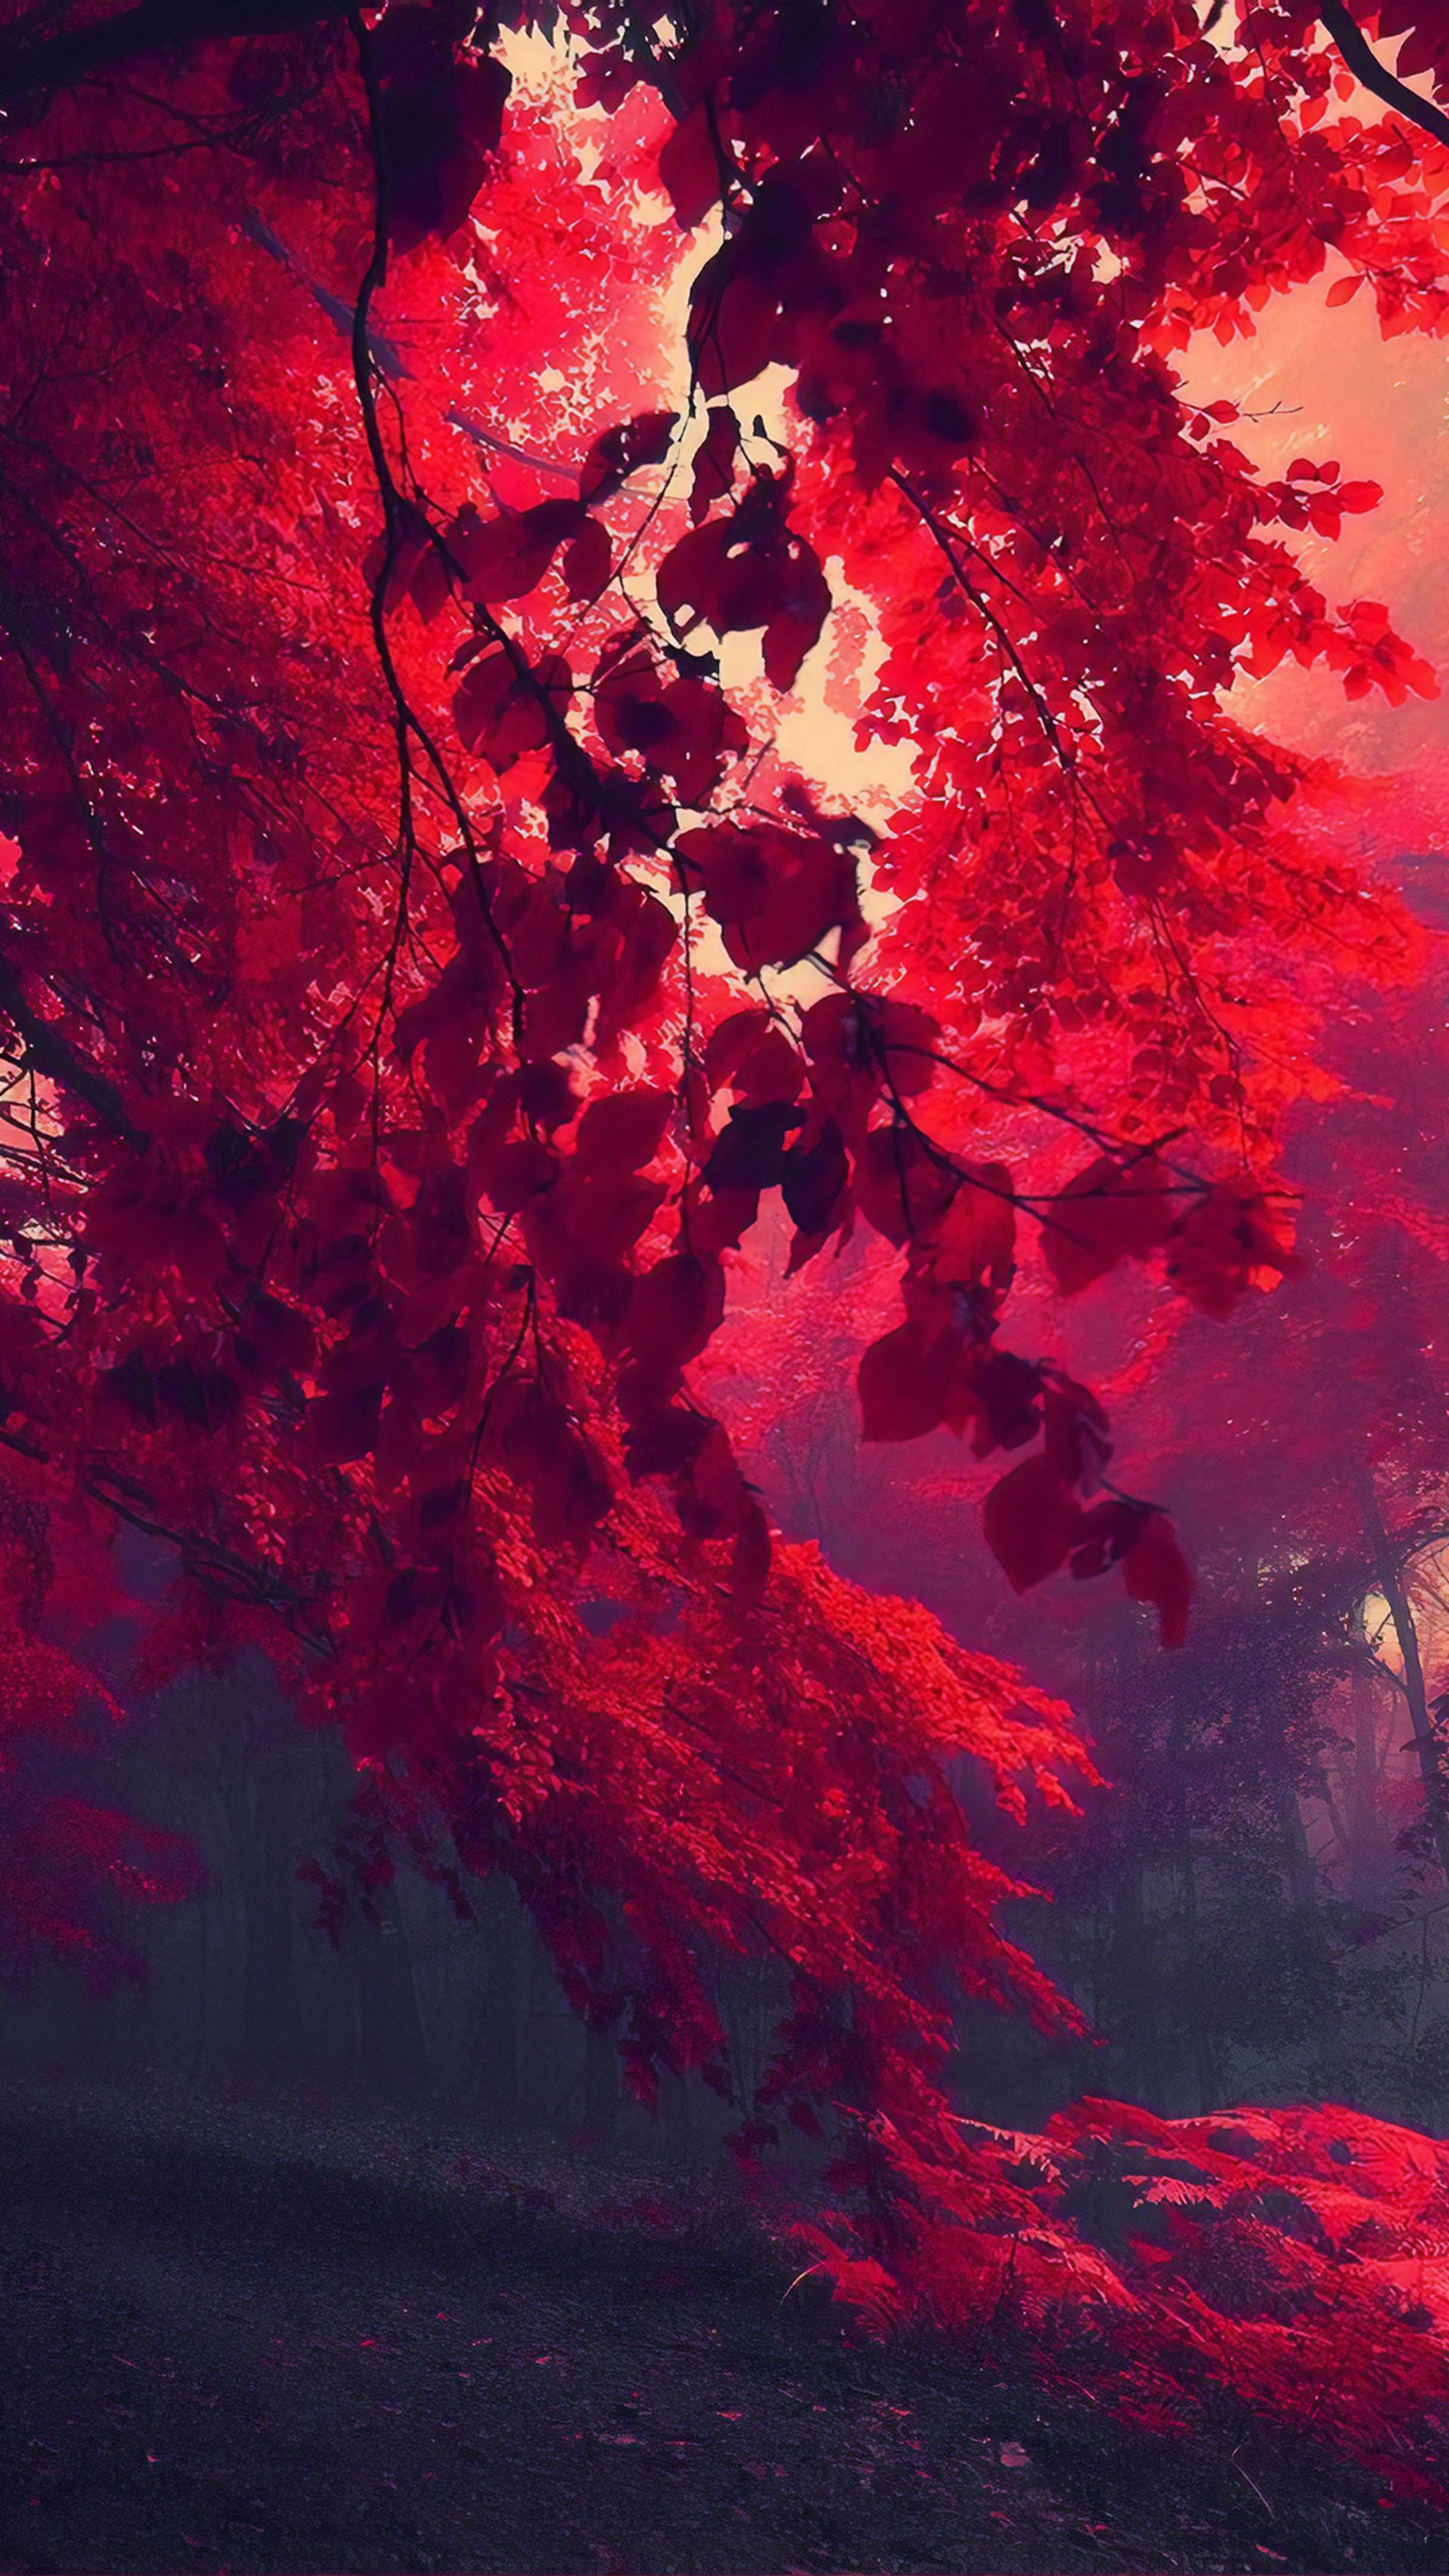 dark-red-autumn-forest-za.jpg